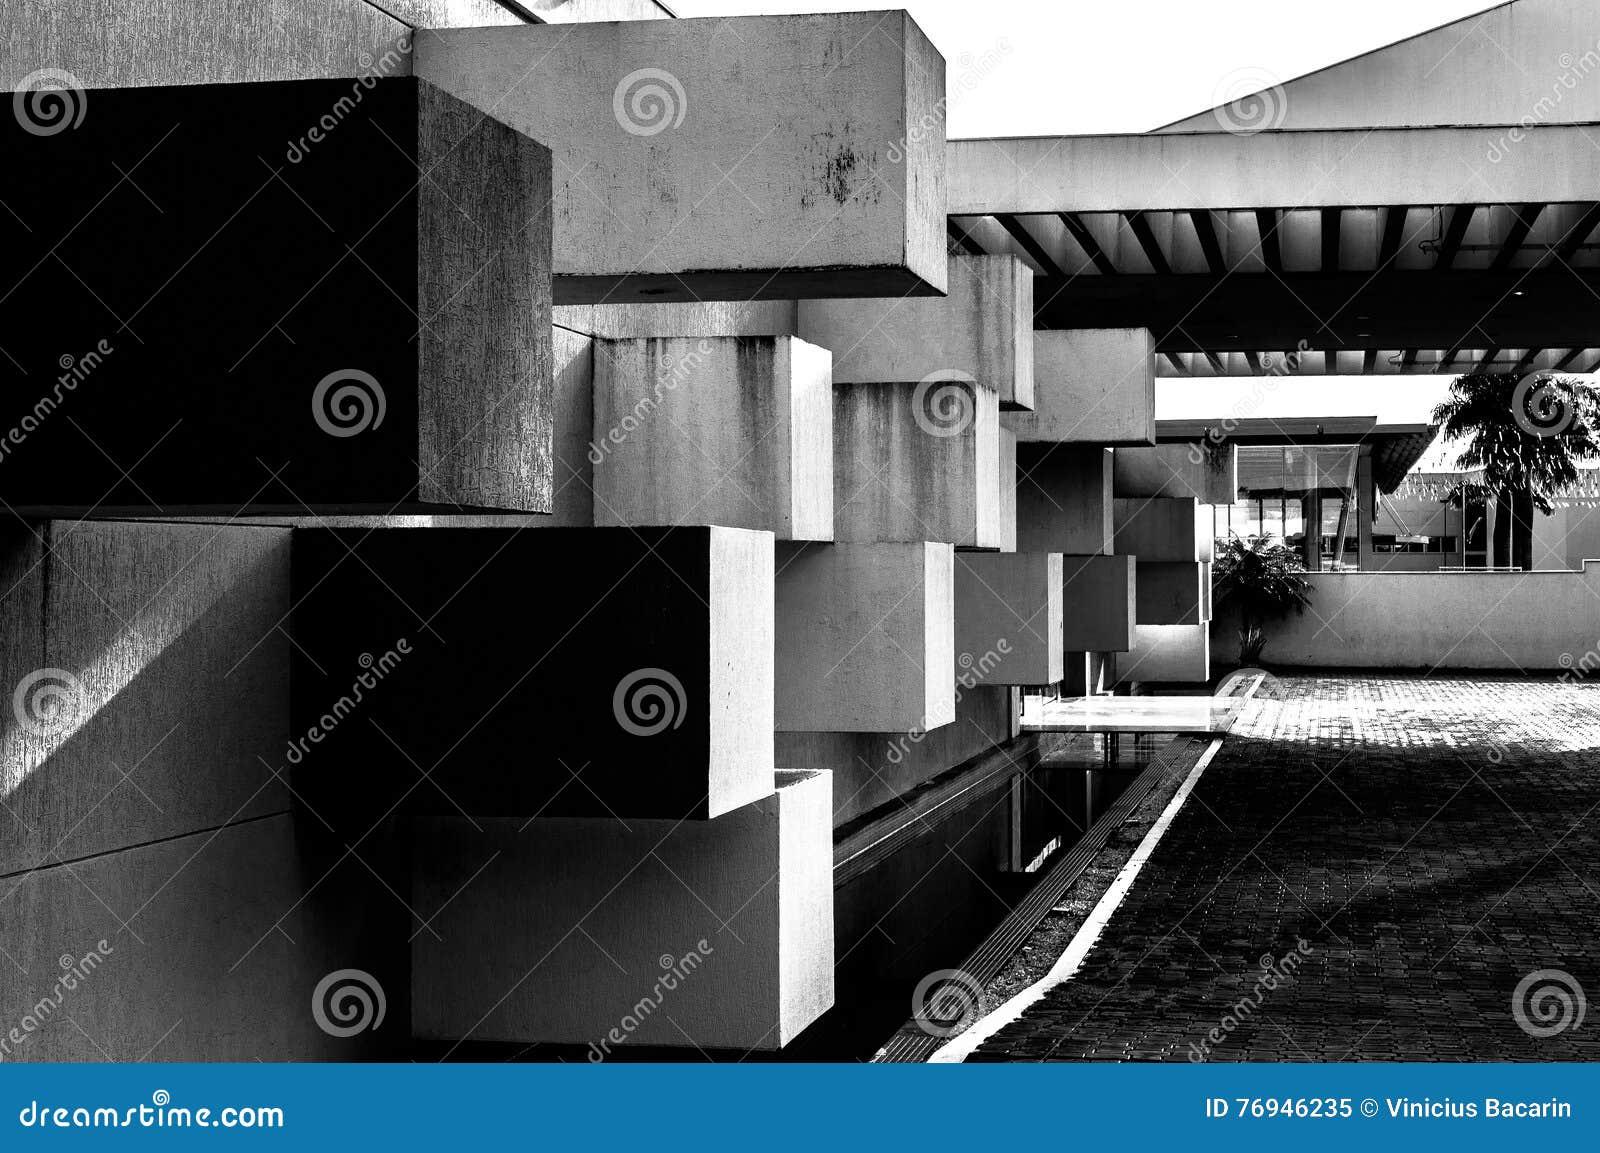 Abstrakte Architektur gemacht vom Beton mit den quadratischen Blöcken, die aus der Wand heraus haften